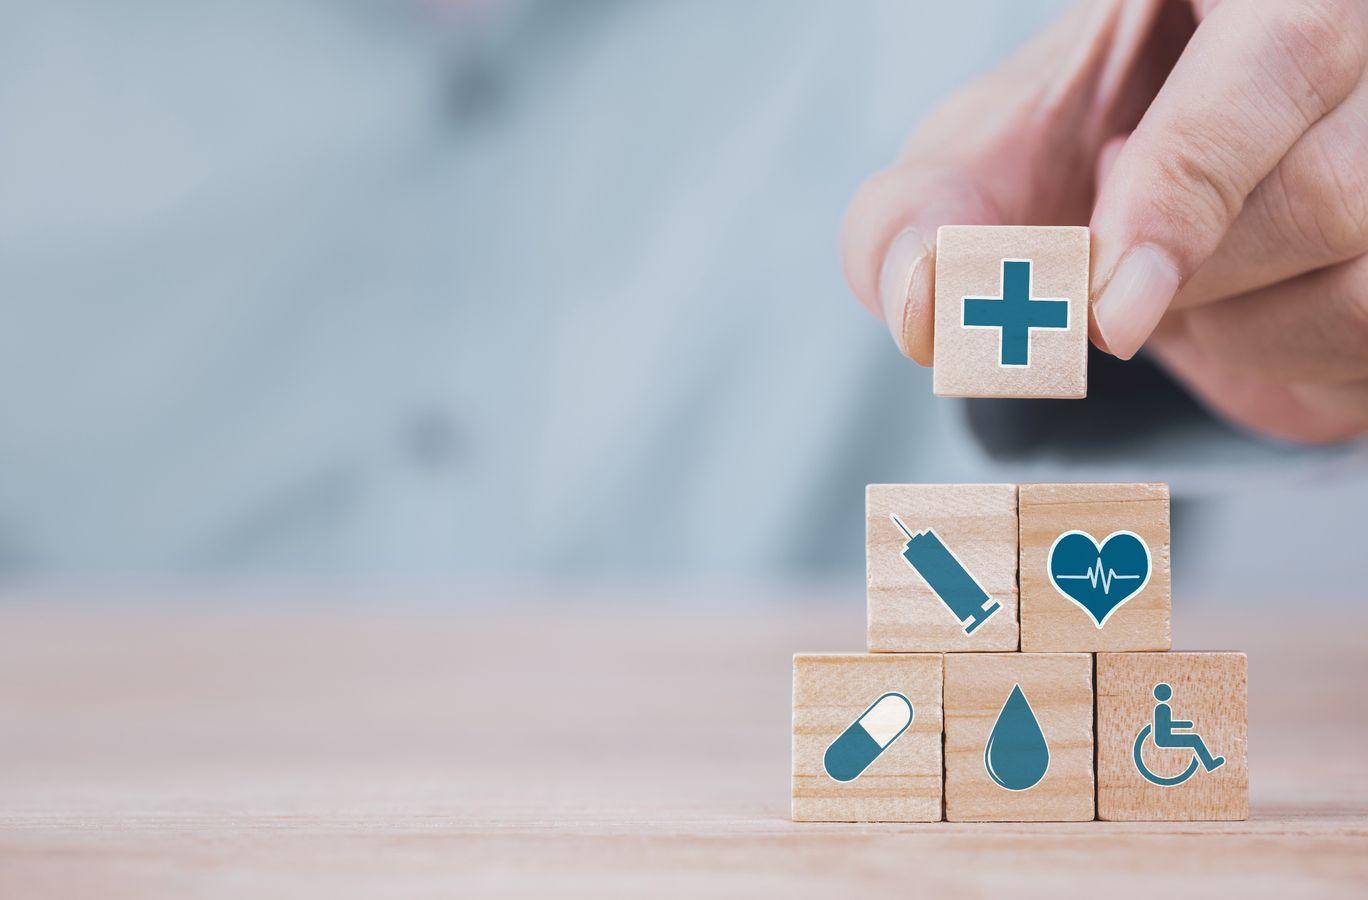 Médiation santé auprès des Gens du Voyage : retour d'expérience de l'ARS Nouvelle Aquitaine, d'une association FNASAT et de Santé publique France